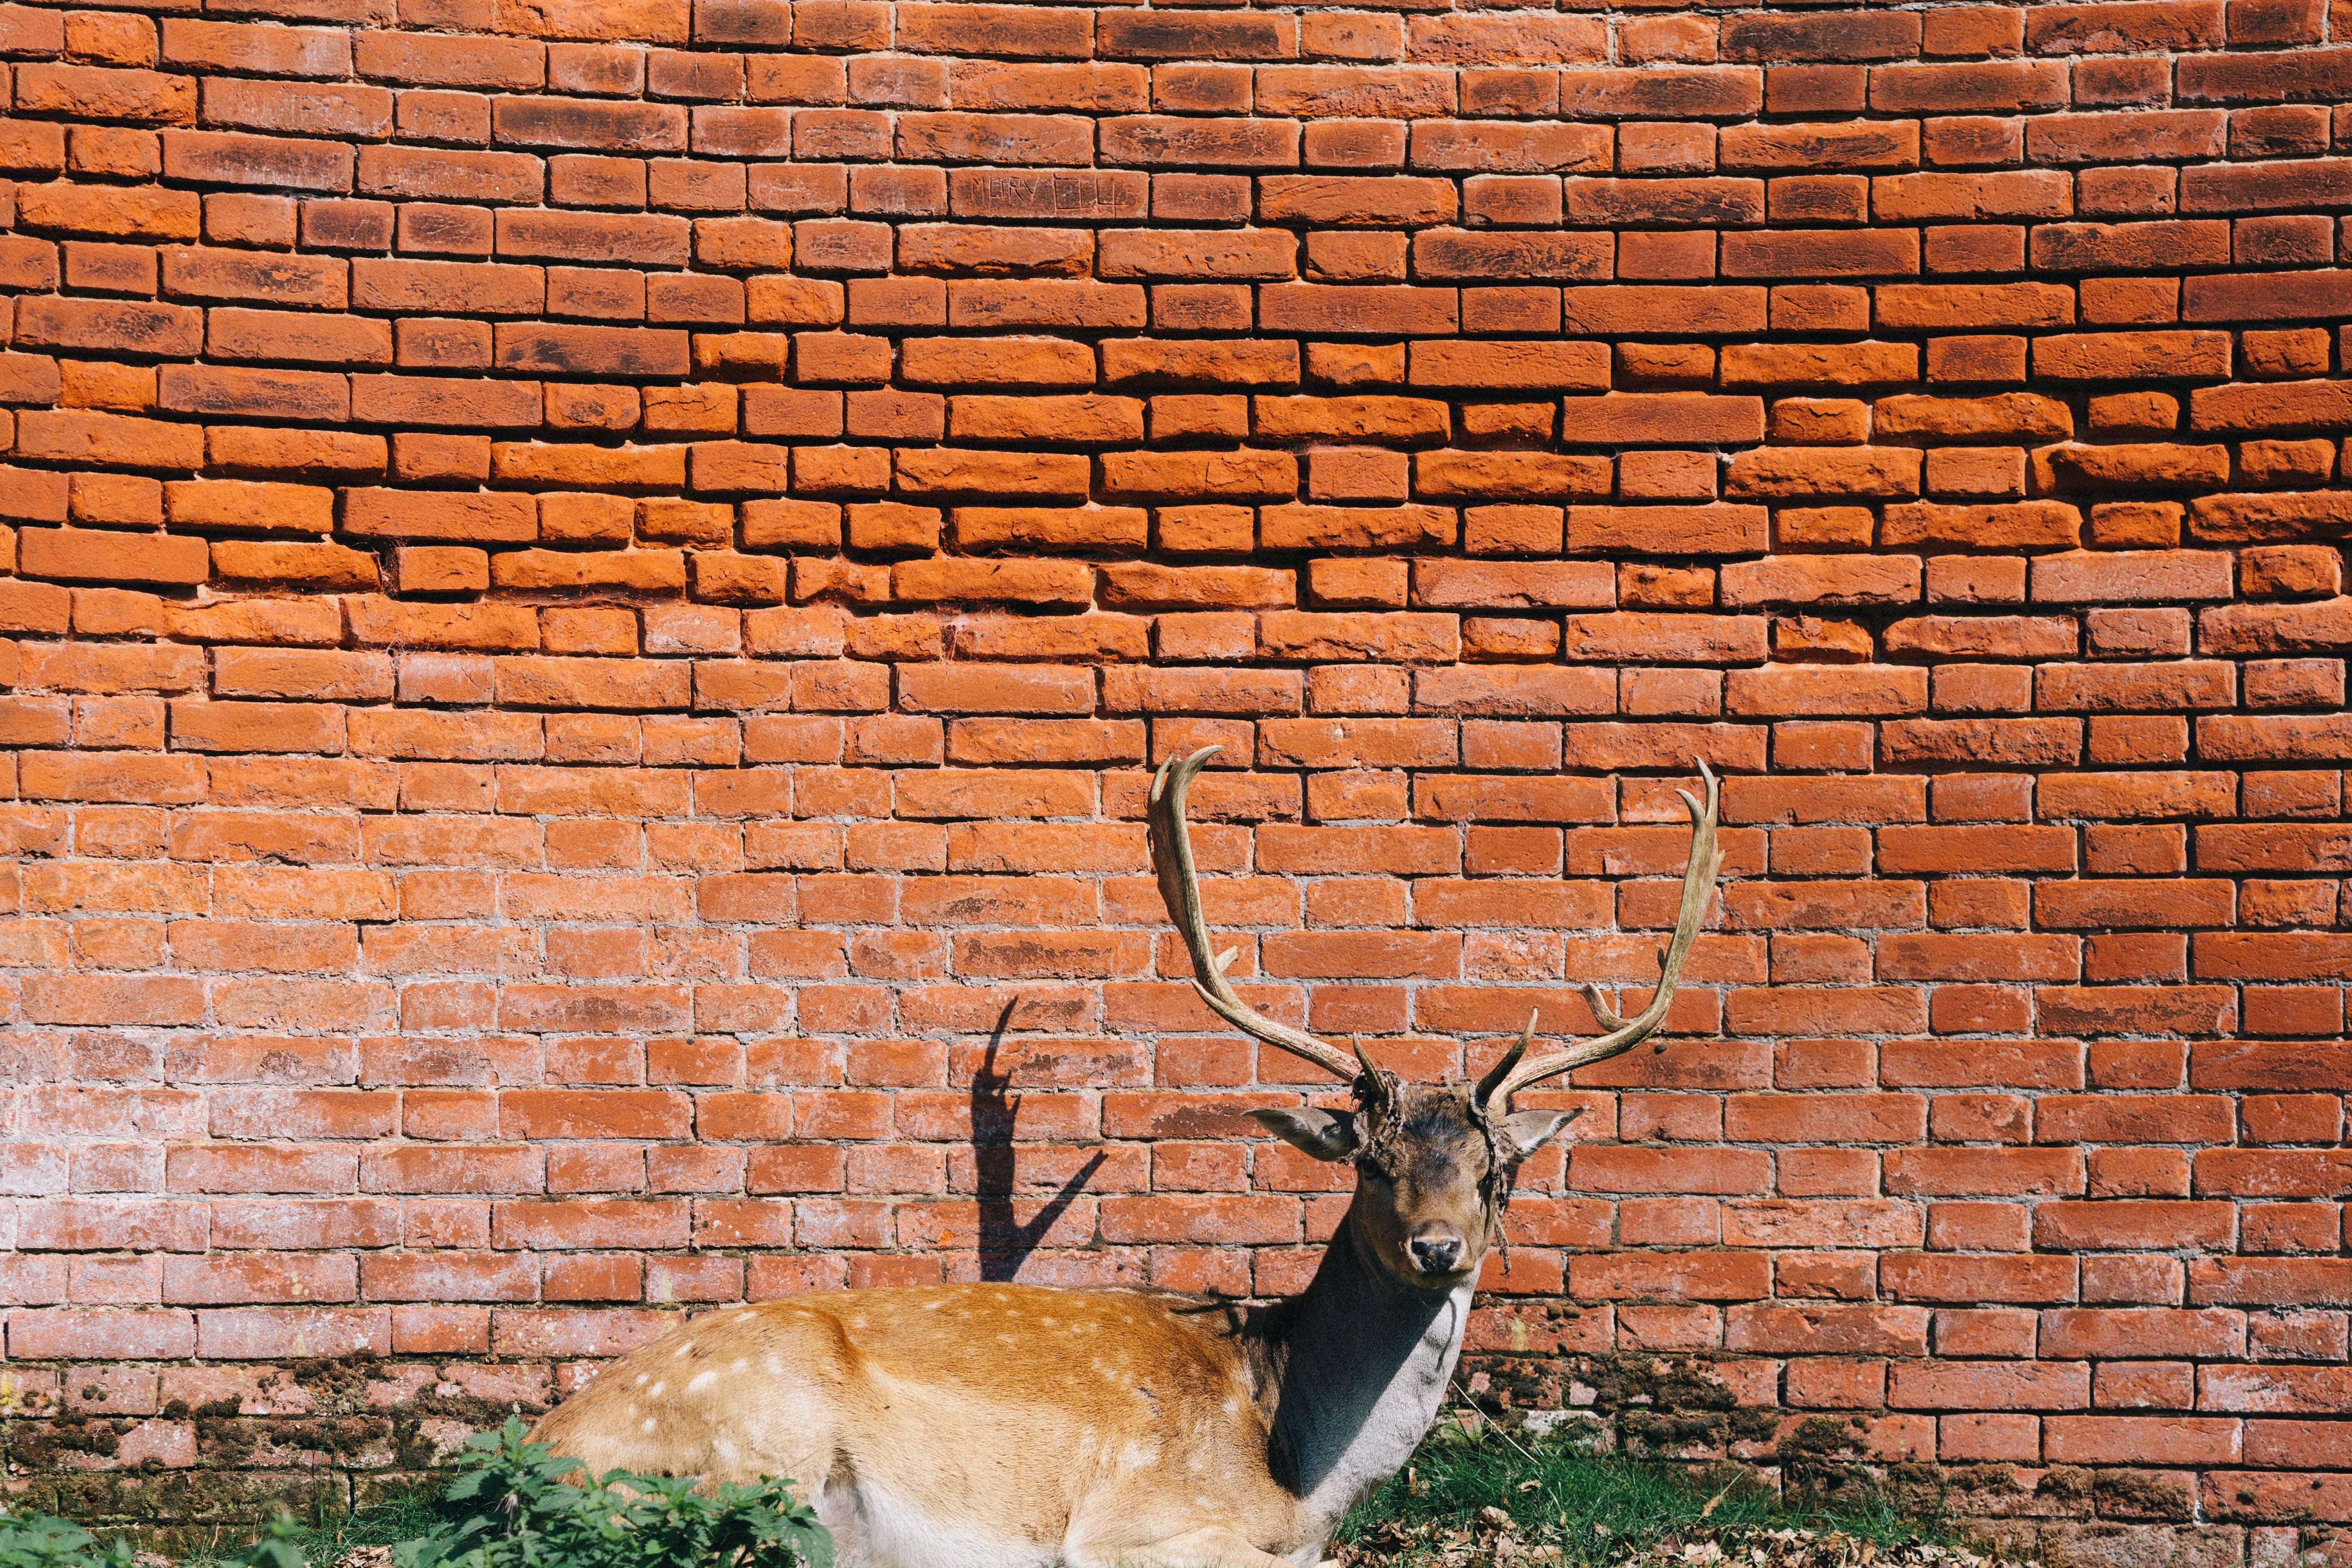 Brown Deer Lying Beside Brick Wall